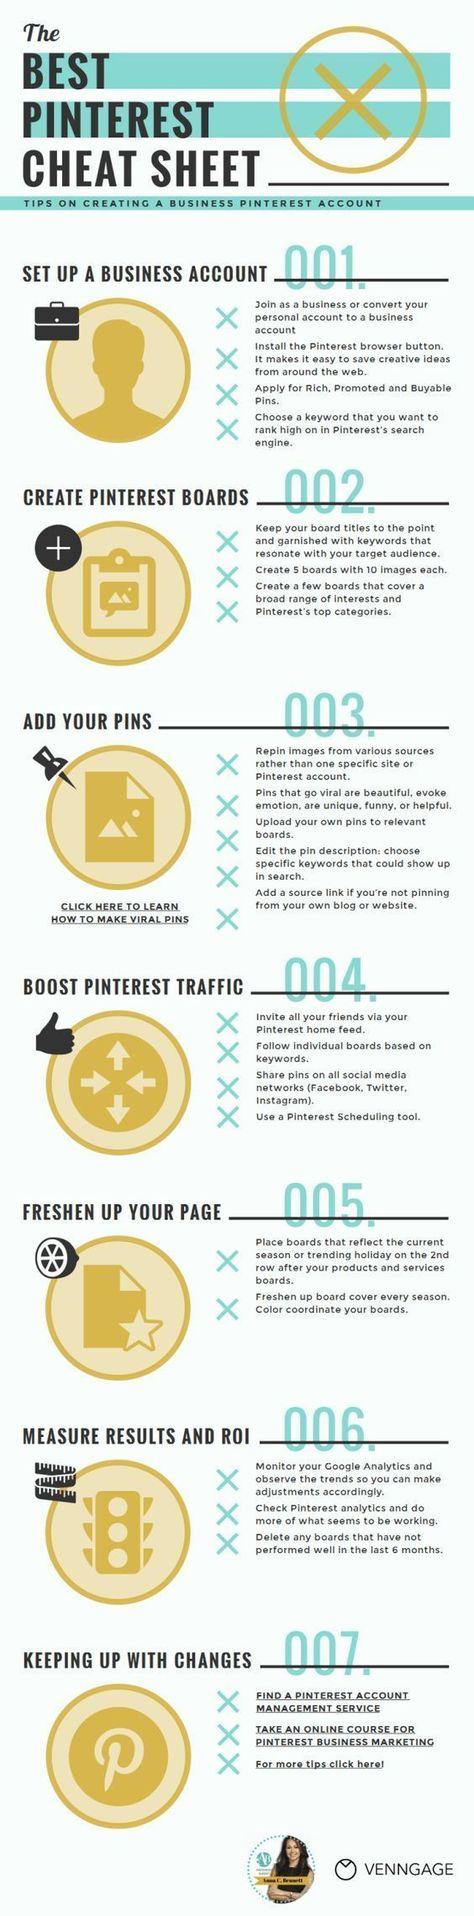 Blog | Pinterest Business Ideas | White Glove Social Media